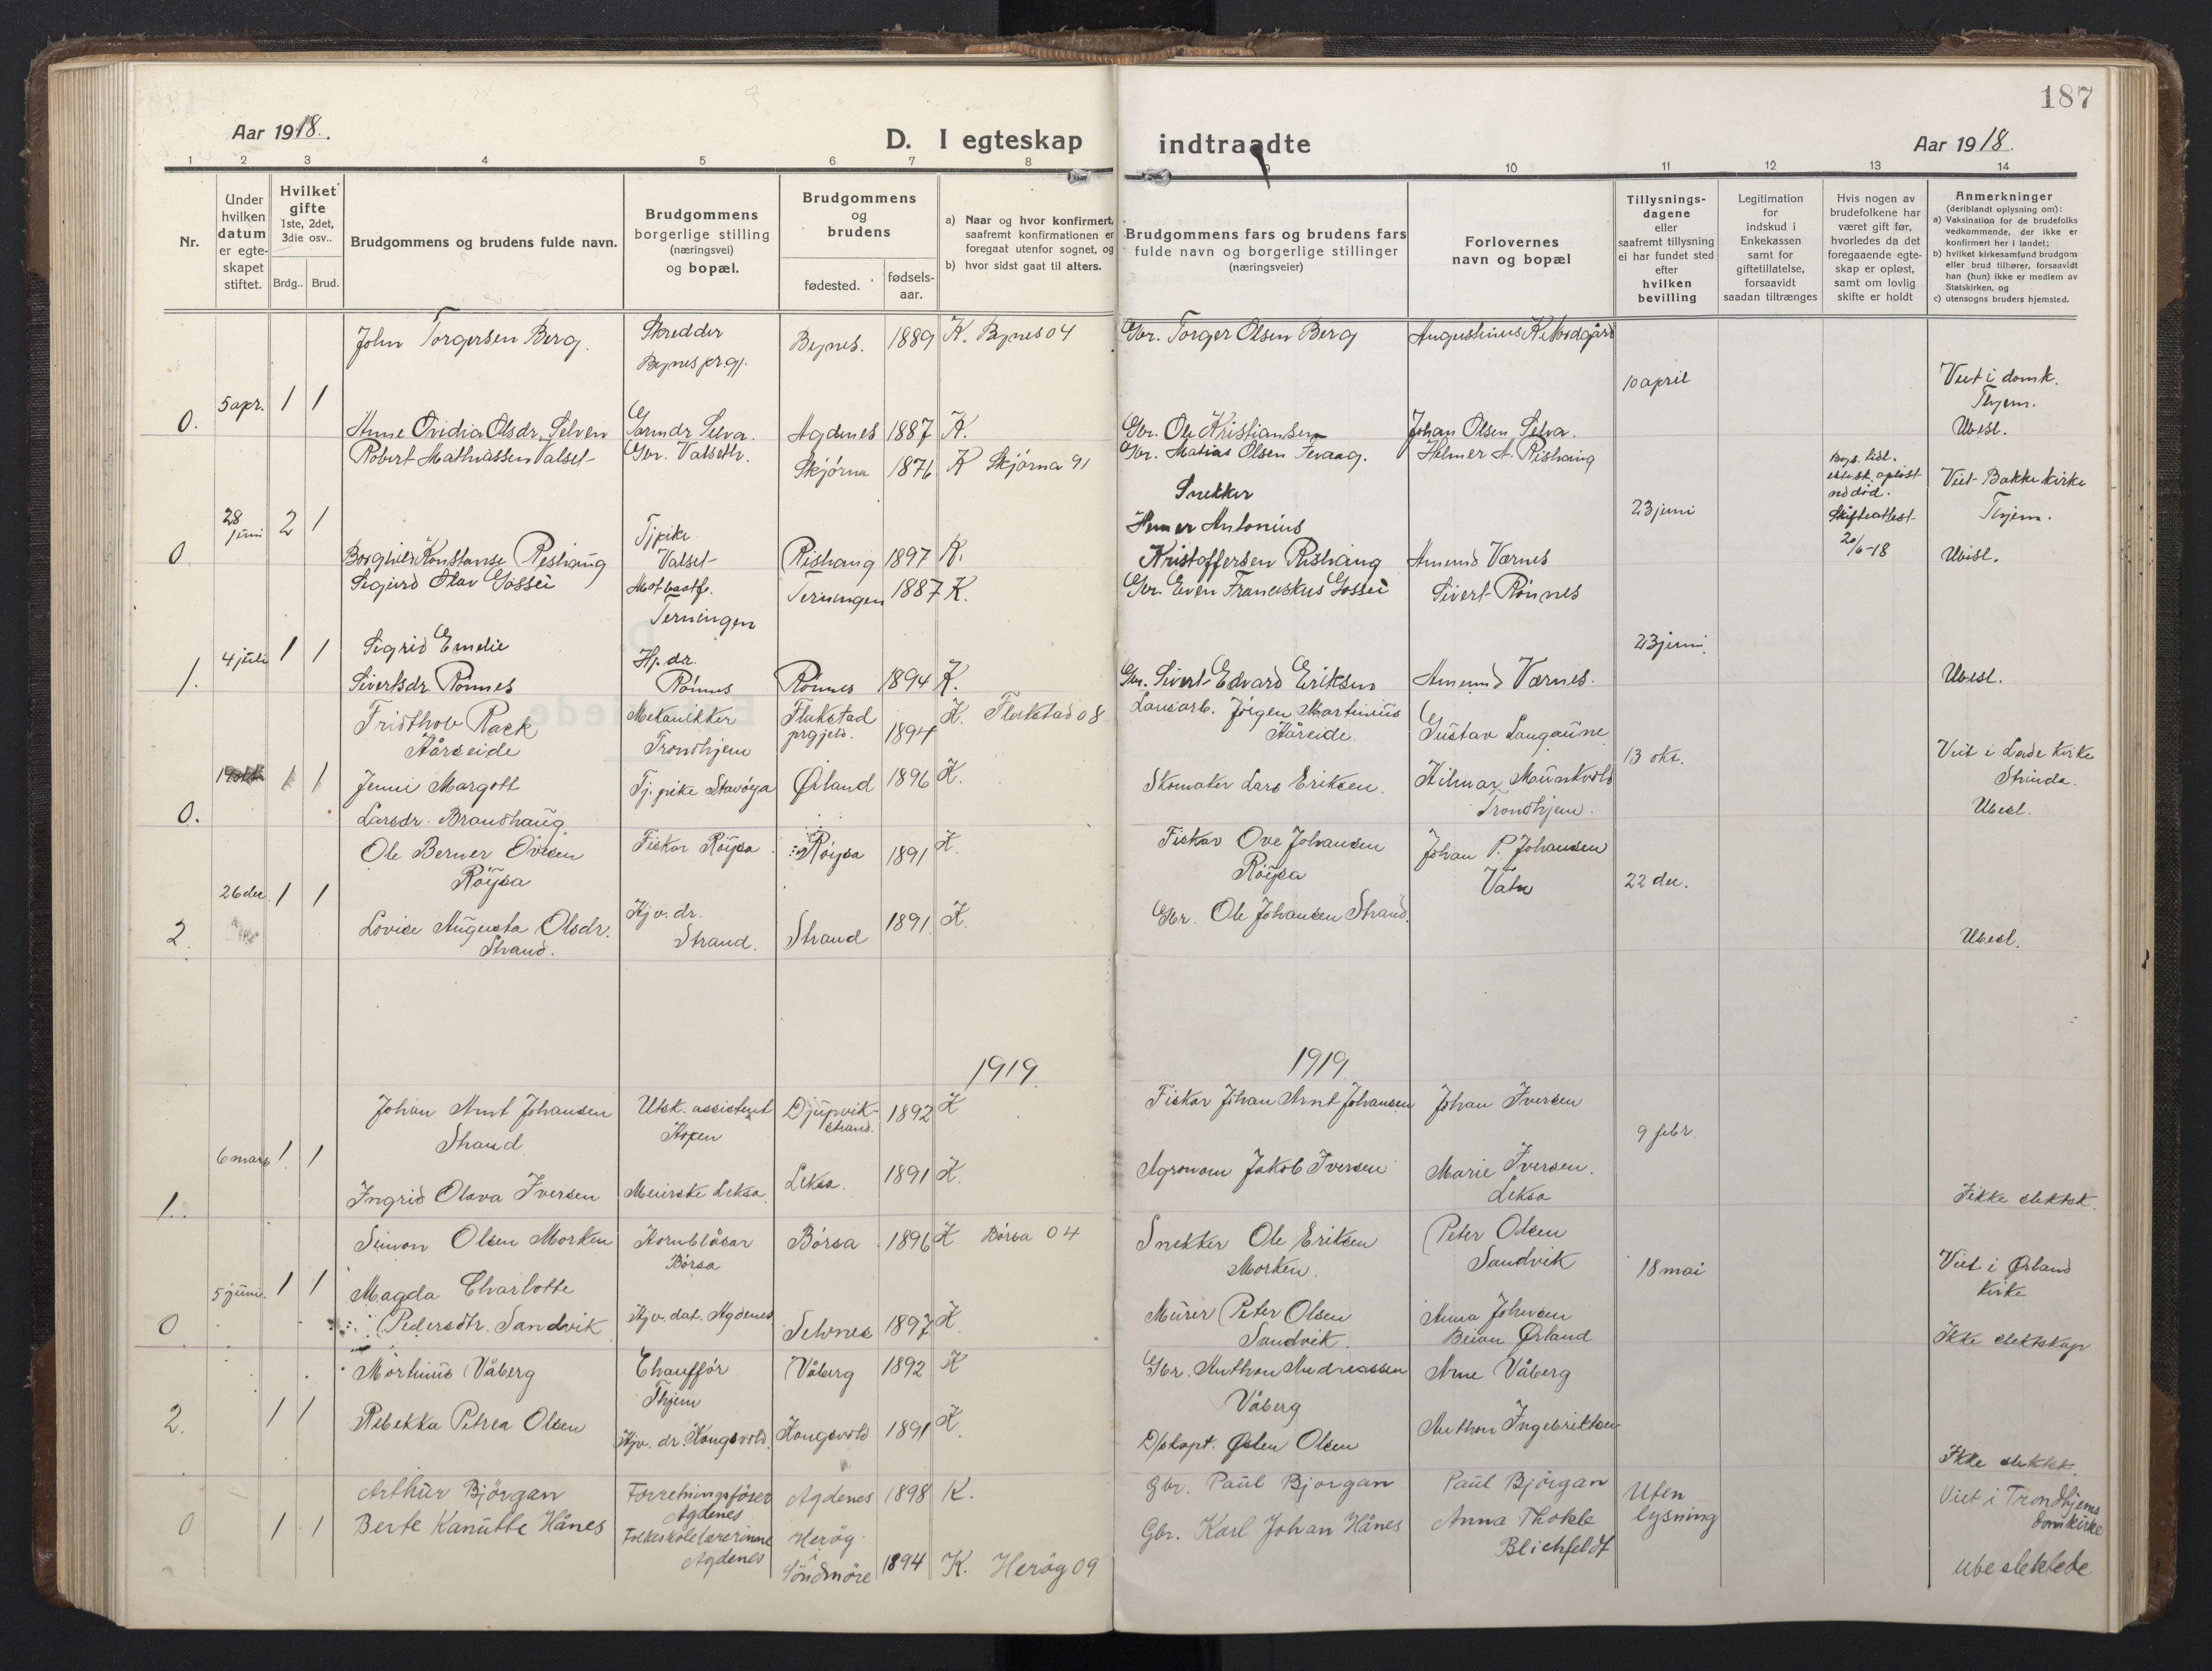 SAT, Ministerialprotokoller, klokkerbøker og fødselsregistre - Sør-Trøndelag, 662/L0758: Klokkerbok nr. 662C03, 1918-1948, s. 187